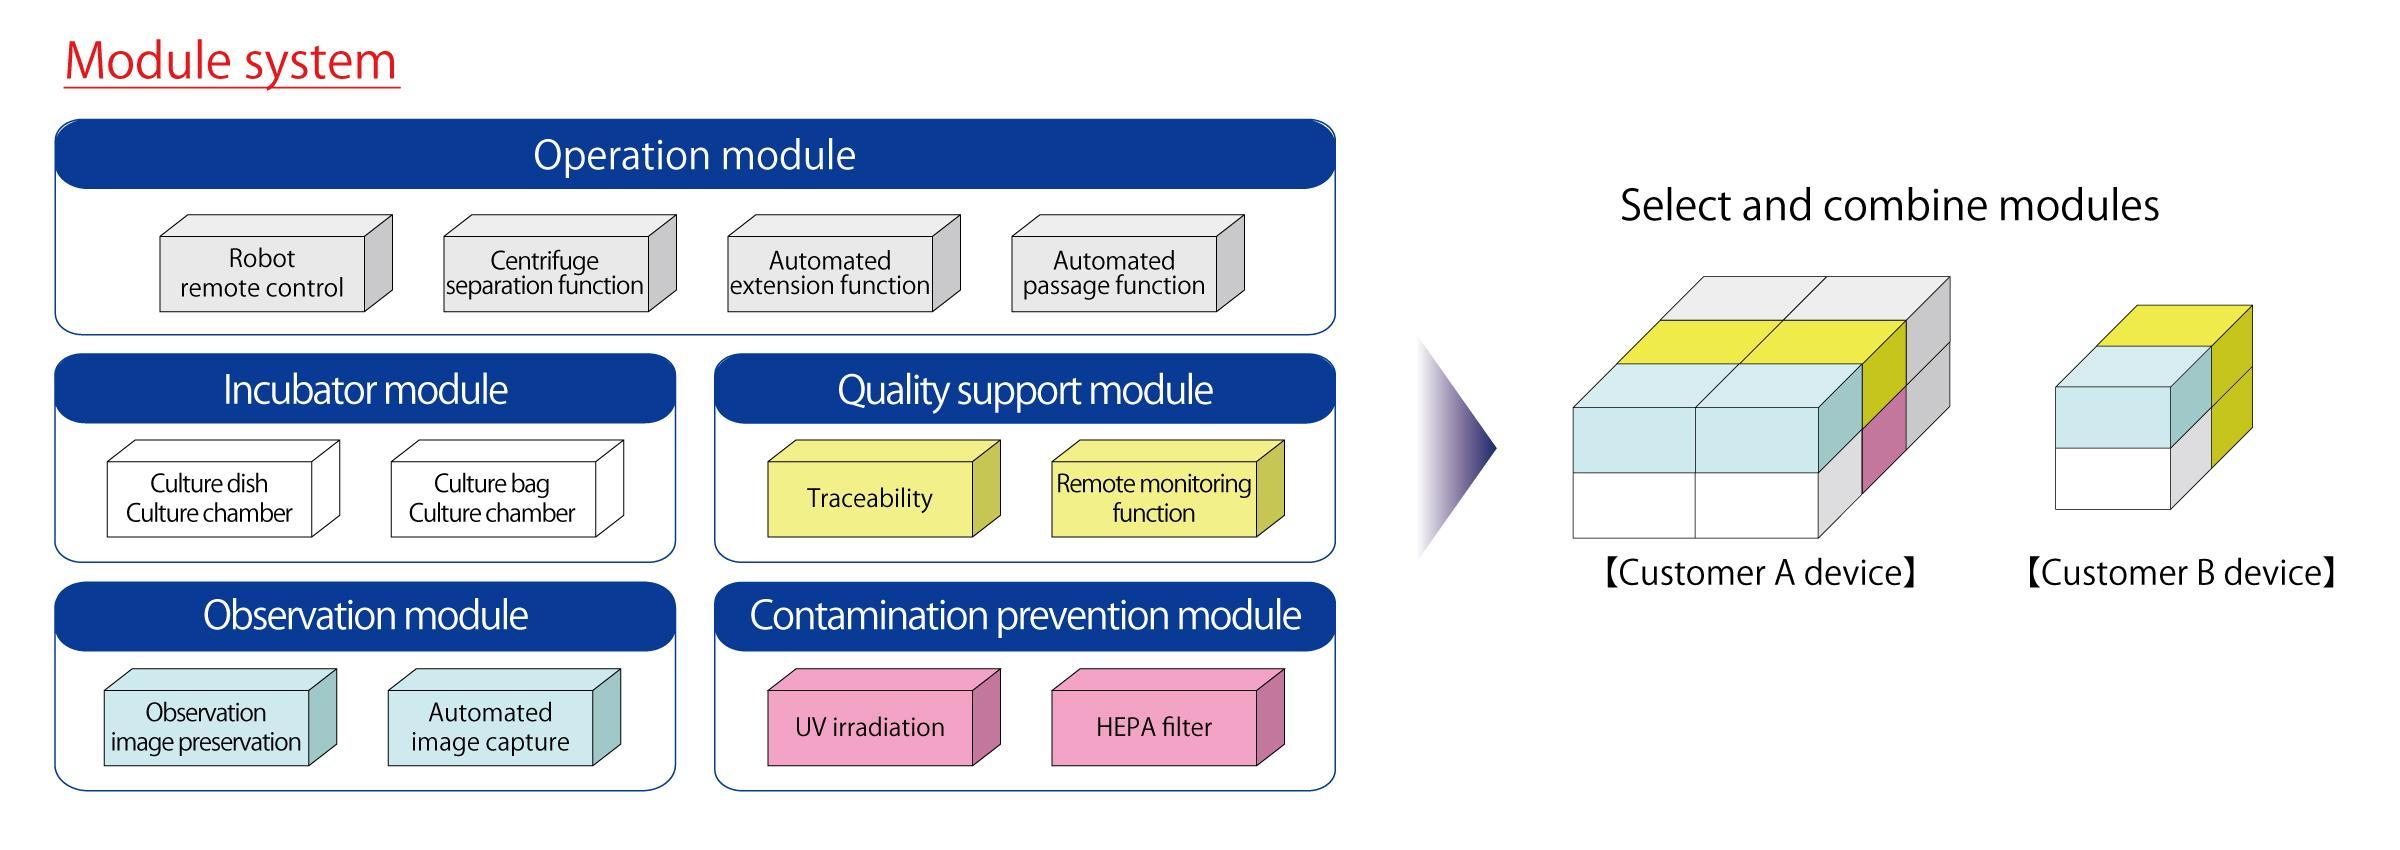 figure: Module system